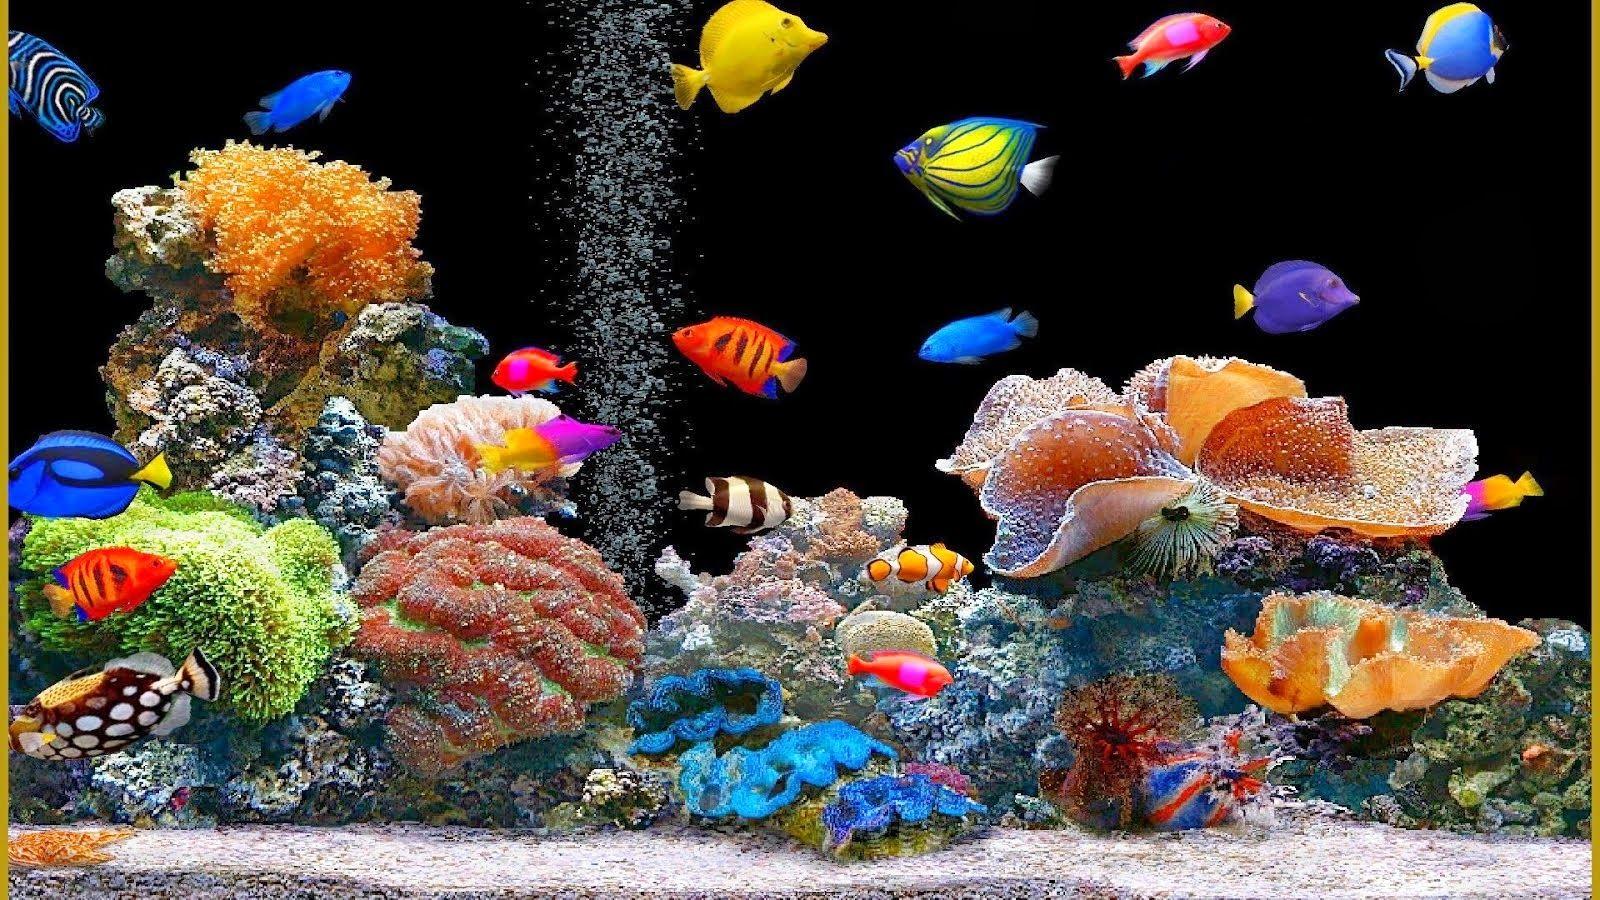 Animated Fish Tank Wallpaper Fish Wallpaper Aquarium Live Wallpaper Saltwater Fish Tanks